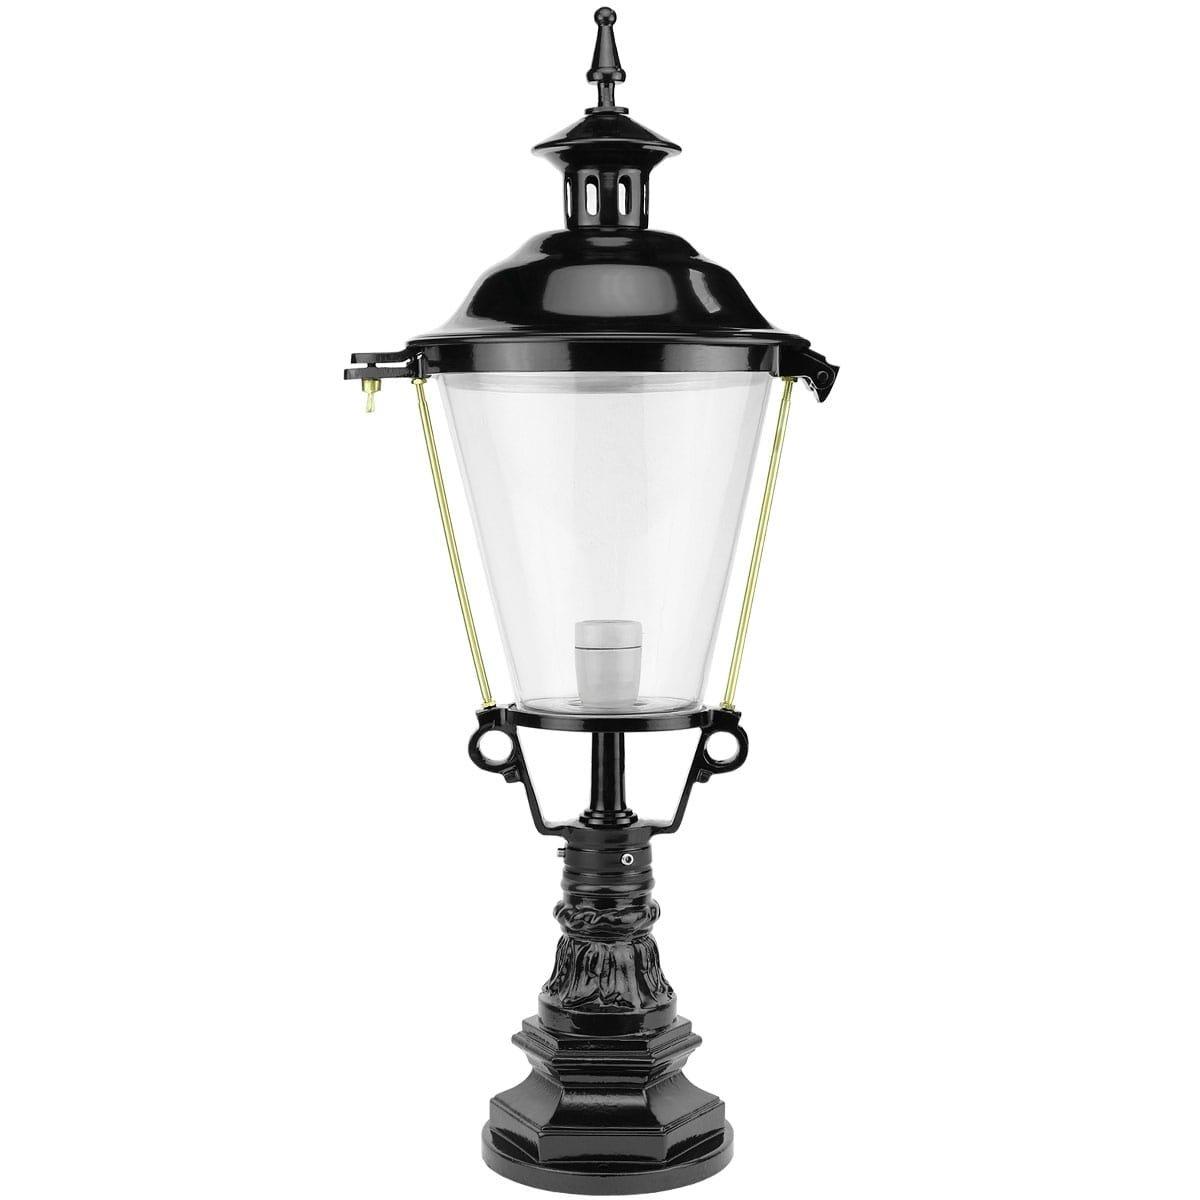 Außenbeleuchtung Klassisch Ländlich Zaunlaterne rund Katwoude - 81 cm